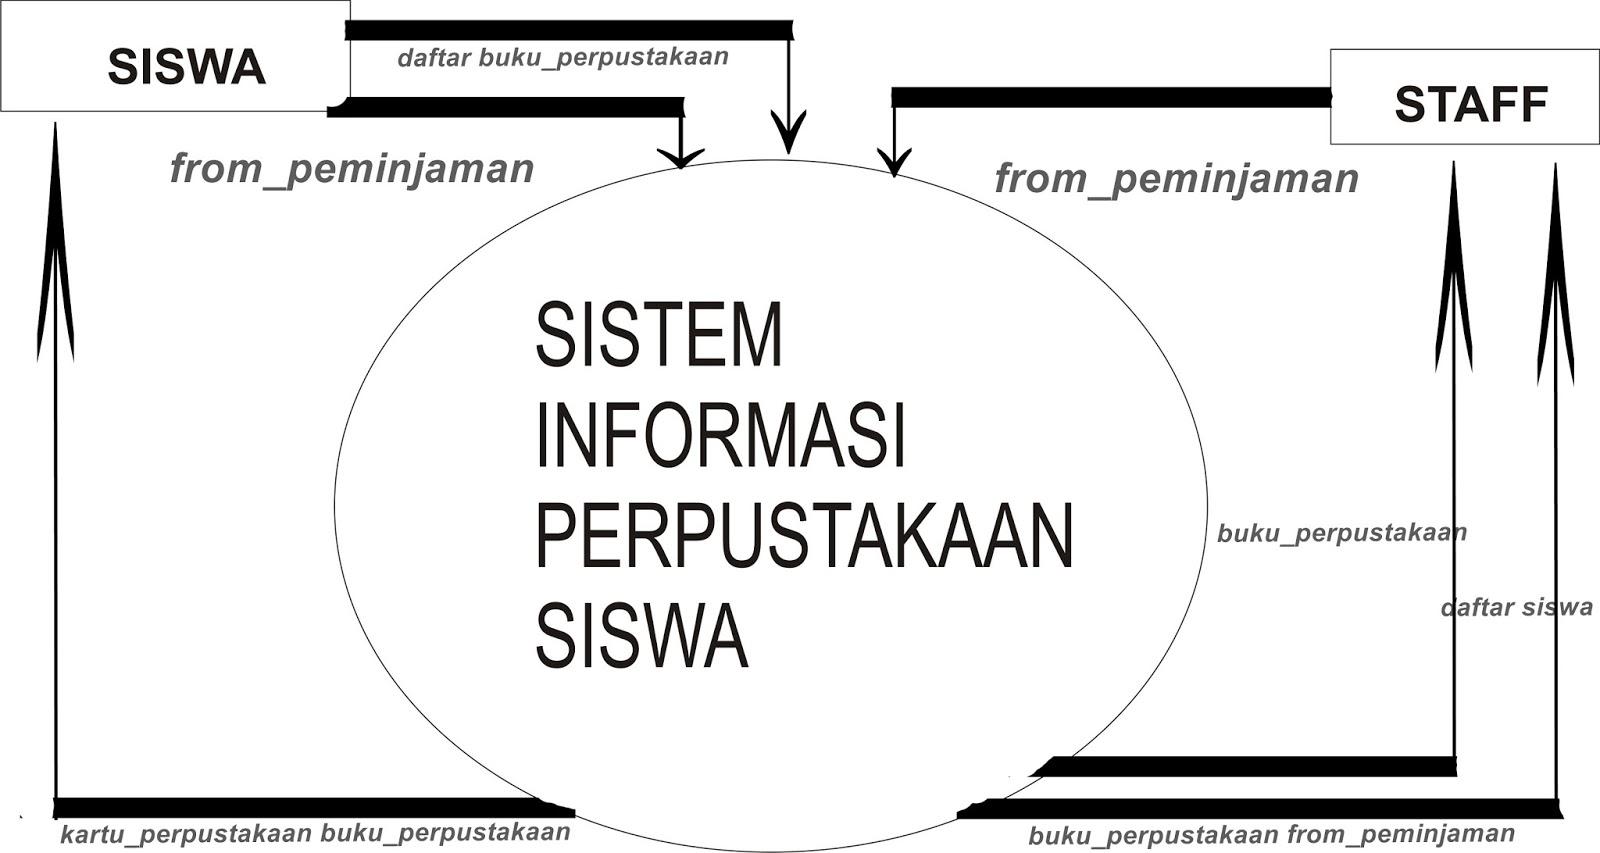 Data flow diagram entitas siswa akan menuju sistem data yang di alirkan sistem meminta informasi daftar buku perpustakaan dan from peminjaman kepada sistem sistem memberi ccuart Gallery